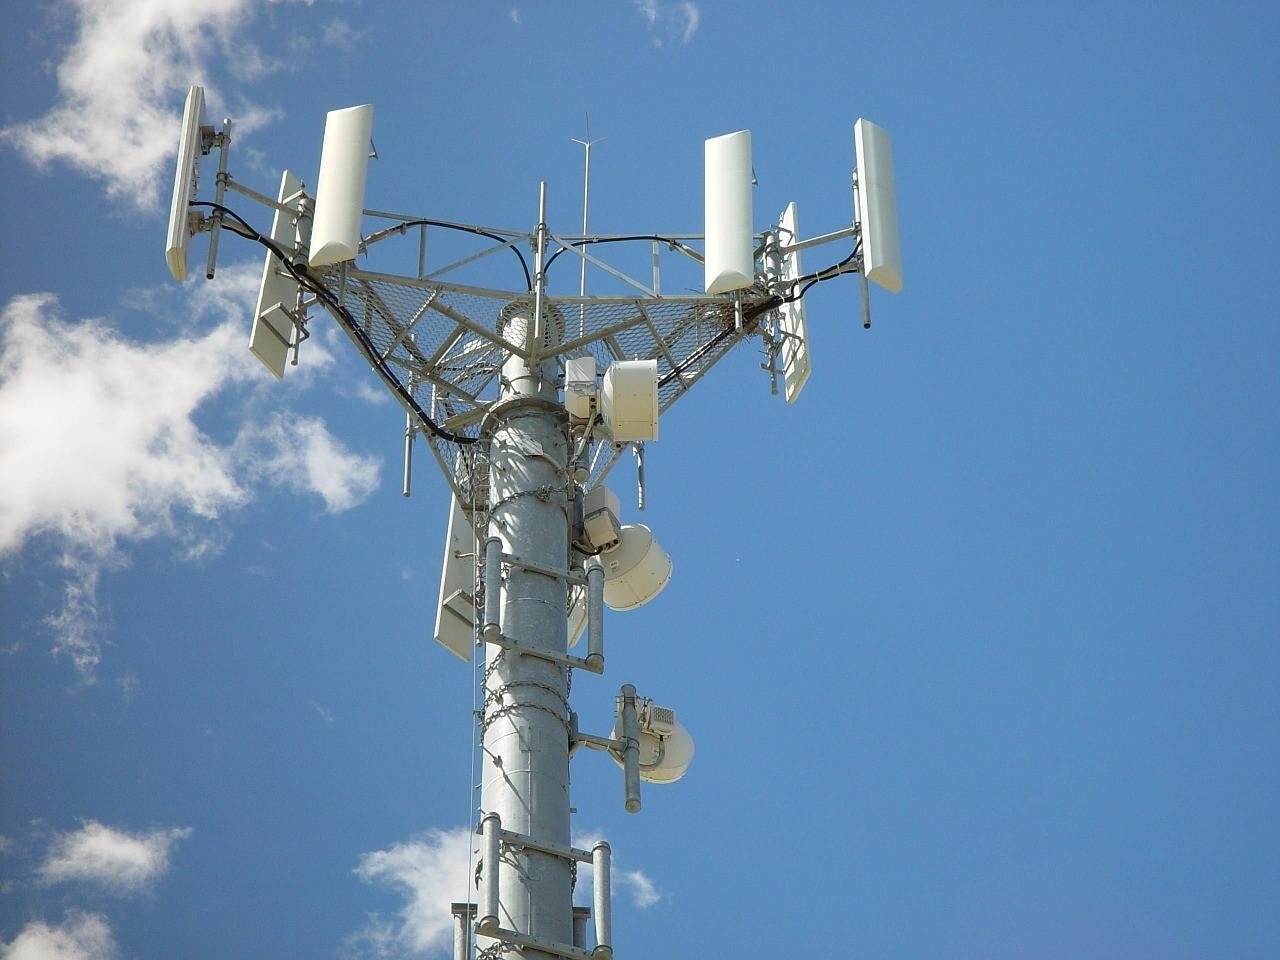 torre telefonía para vehículos conectados futuro negocios